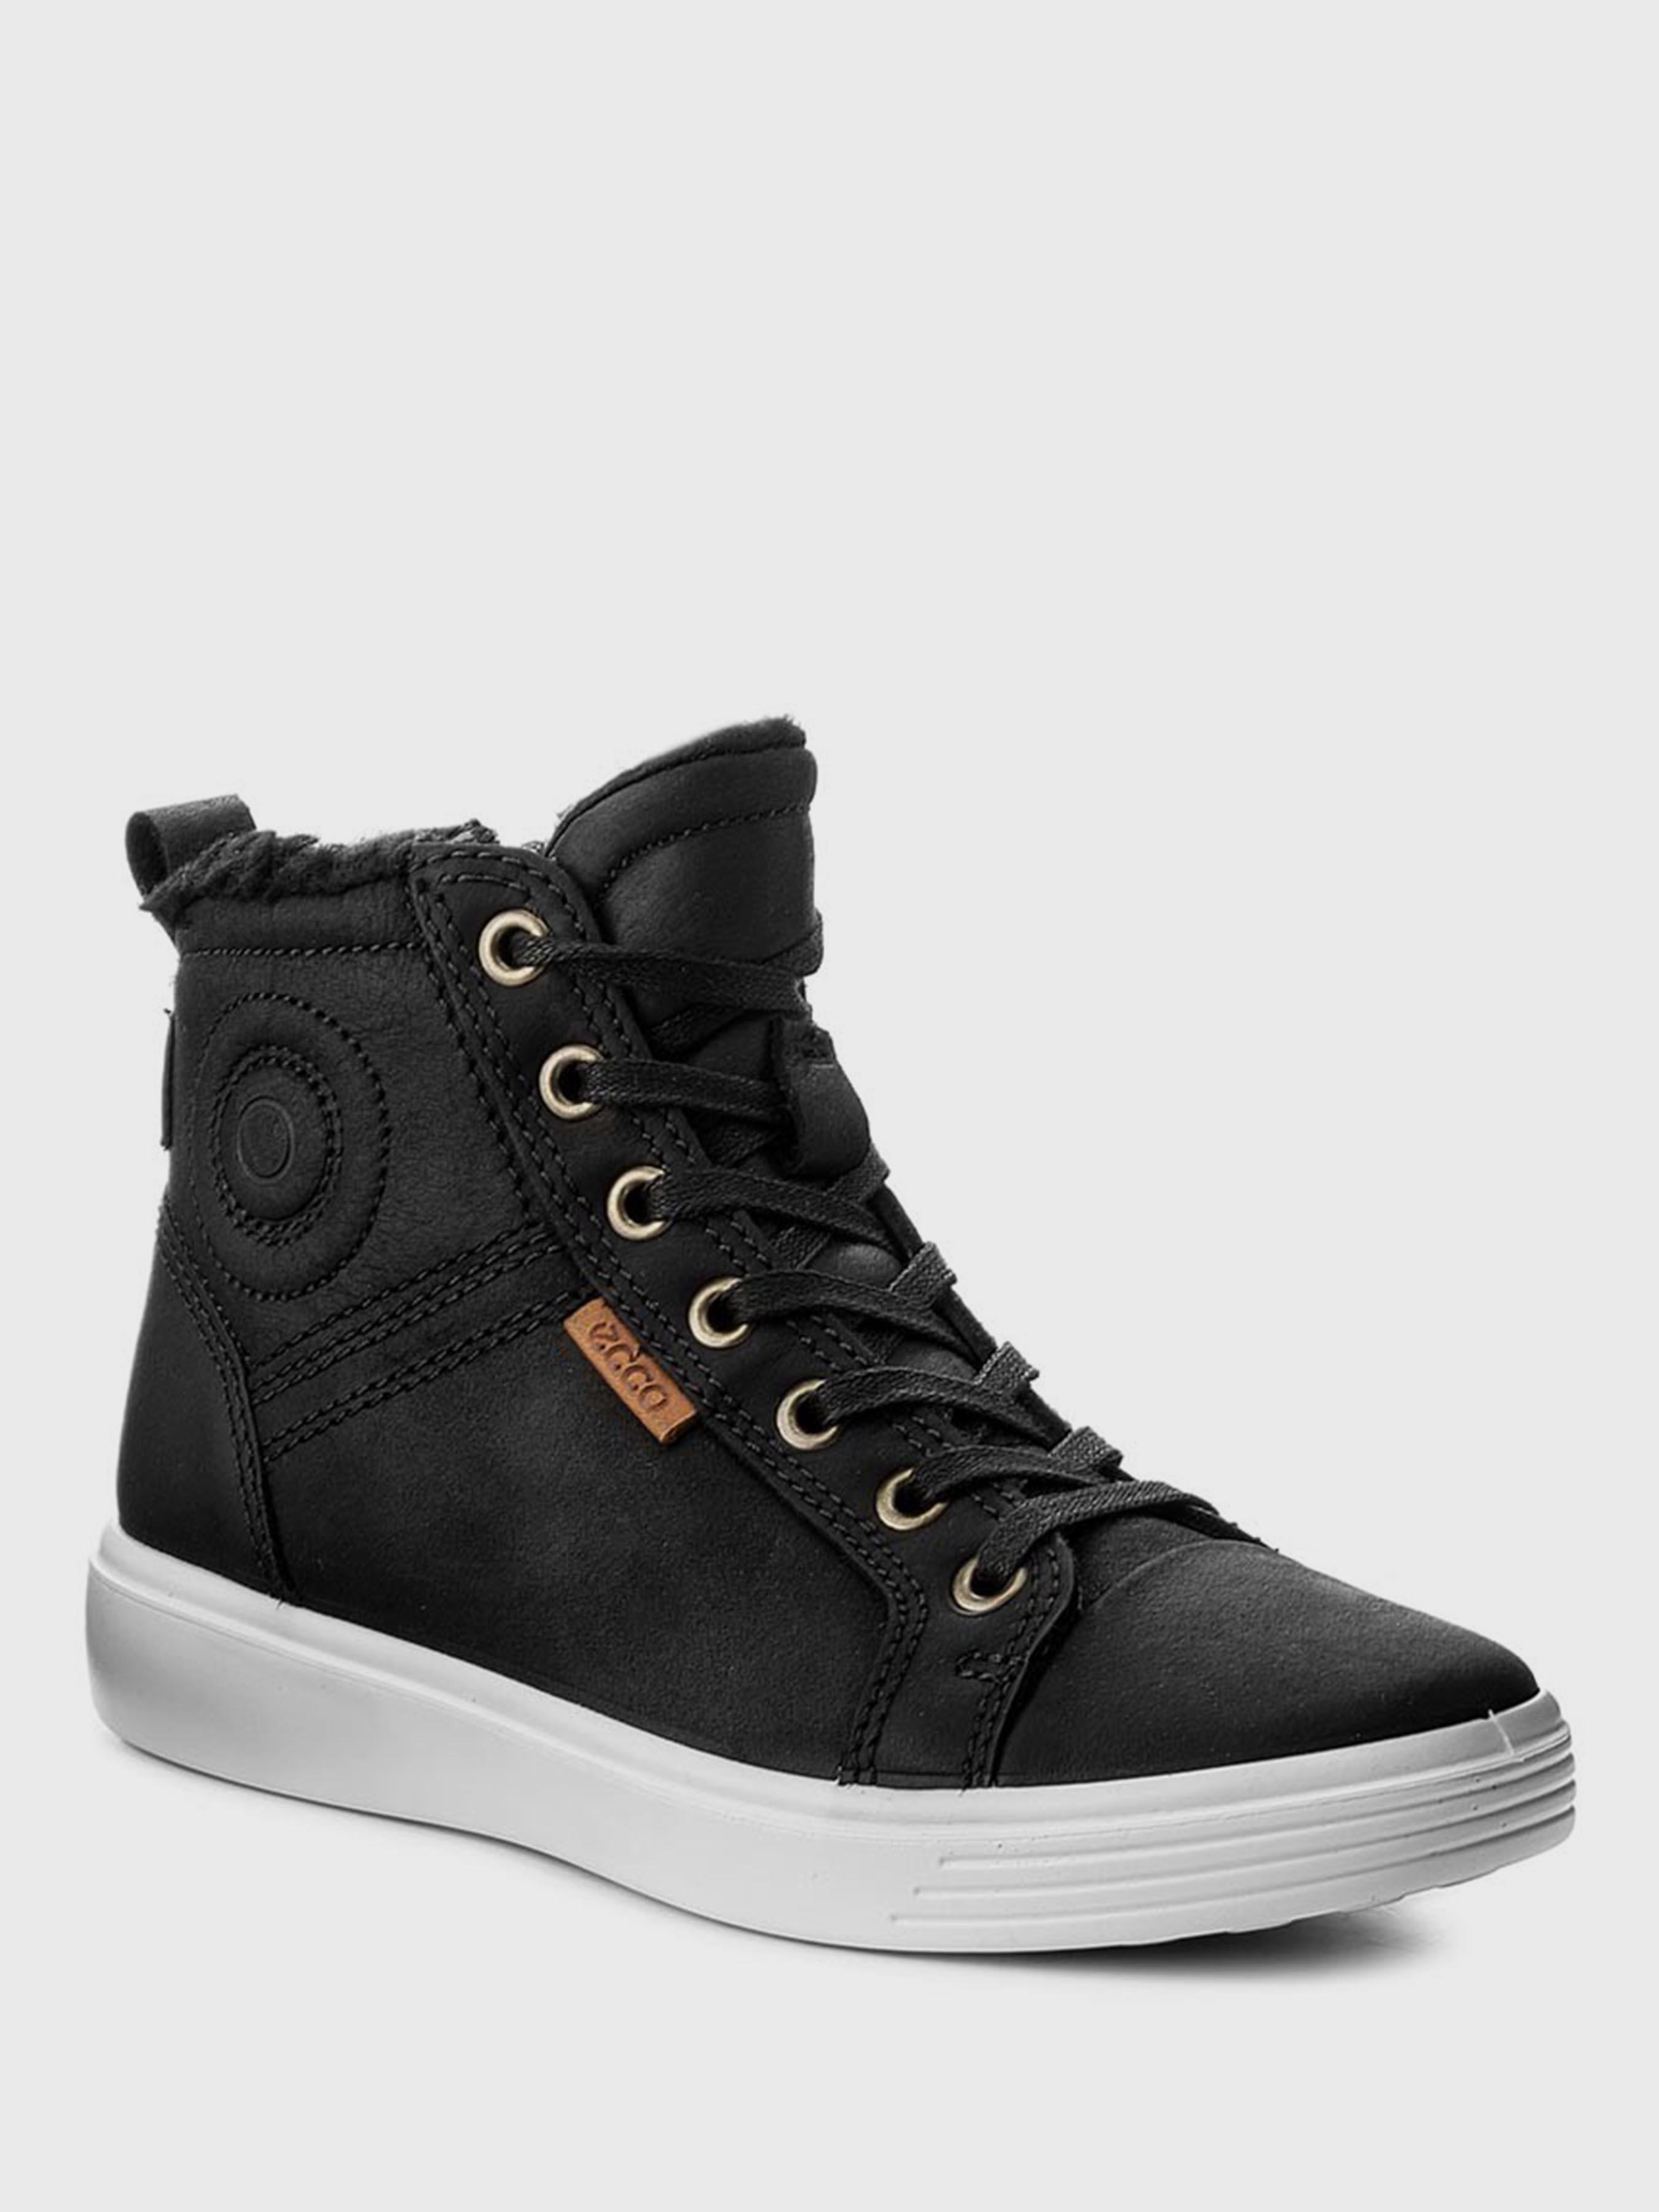 Ботинки для детей ECCO S7 TEEN ZK3116 стоимость, 2017